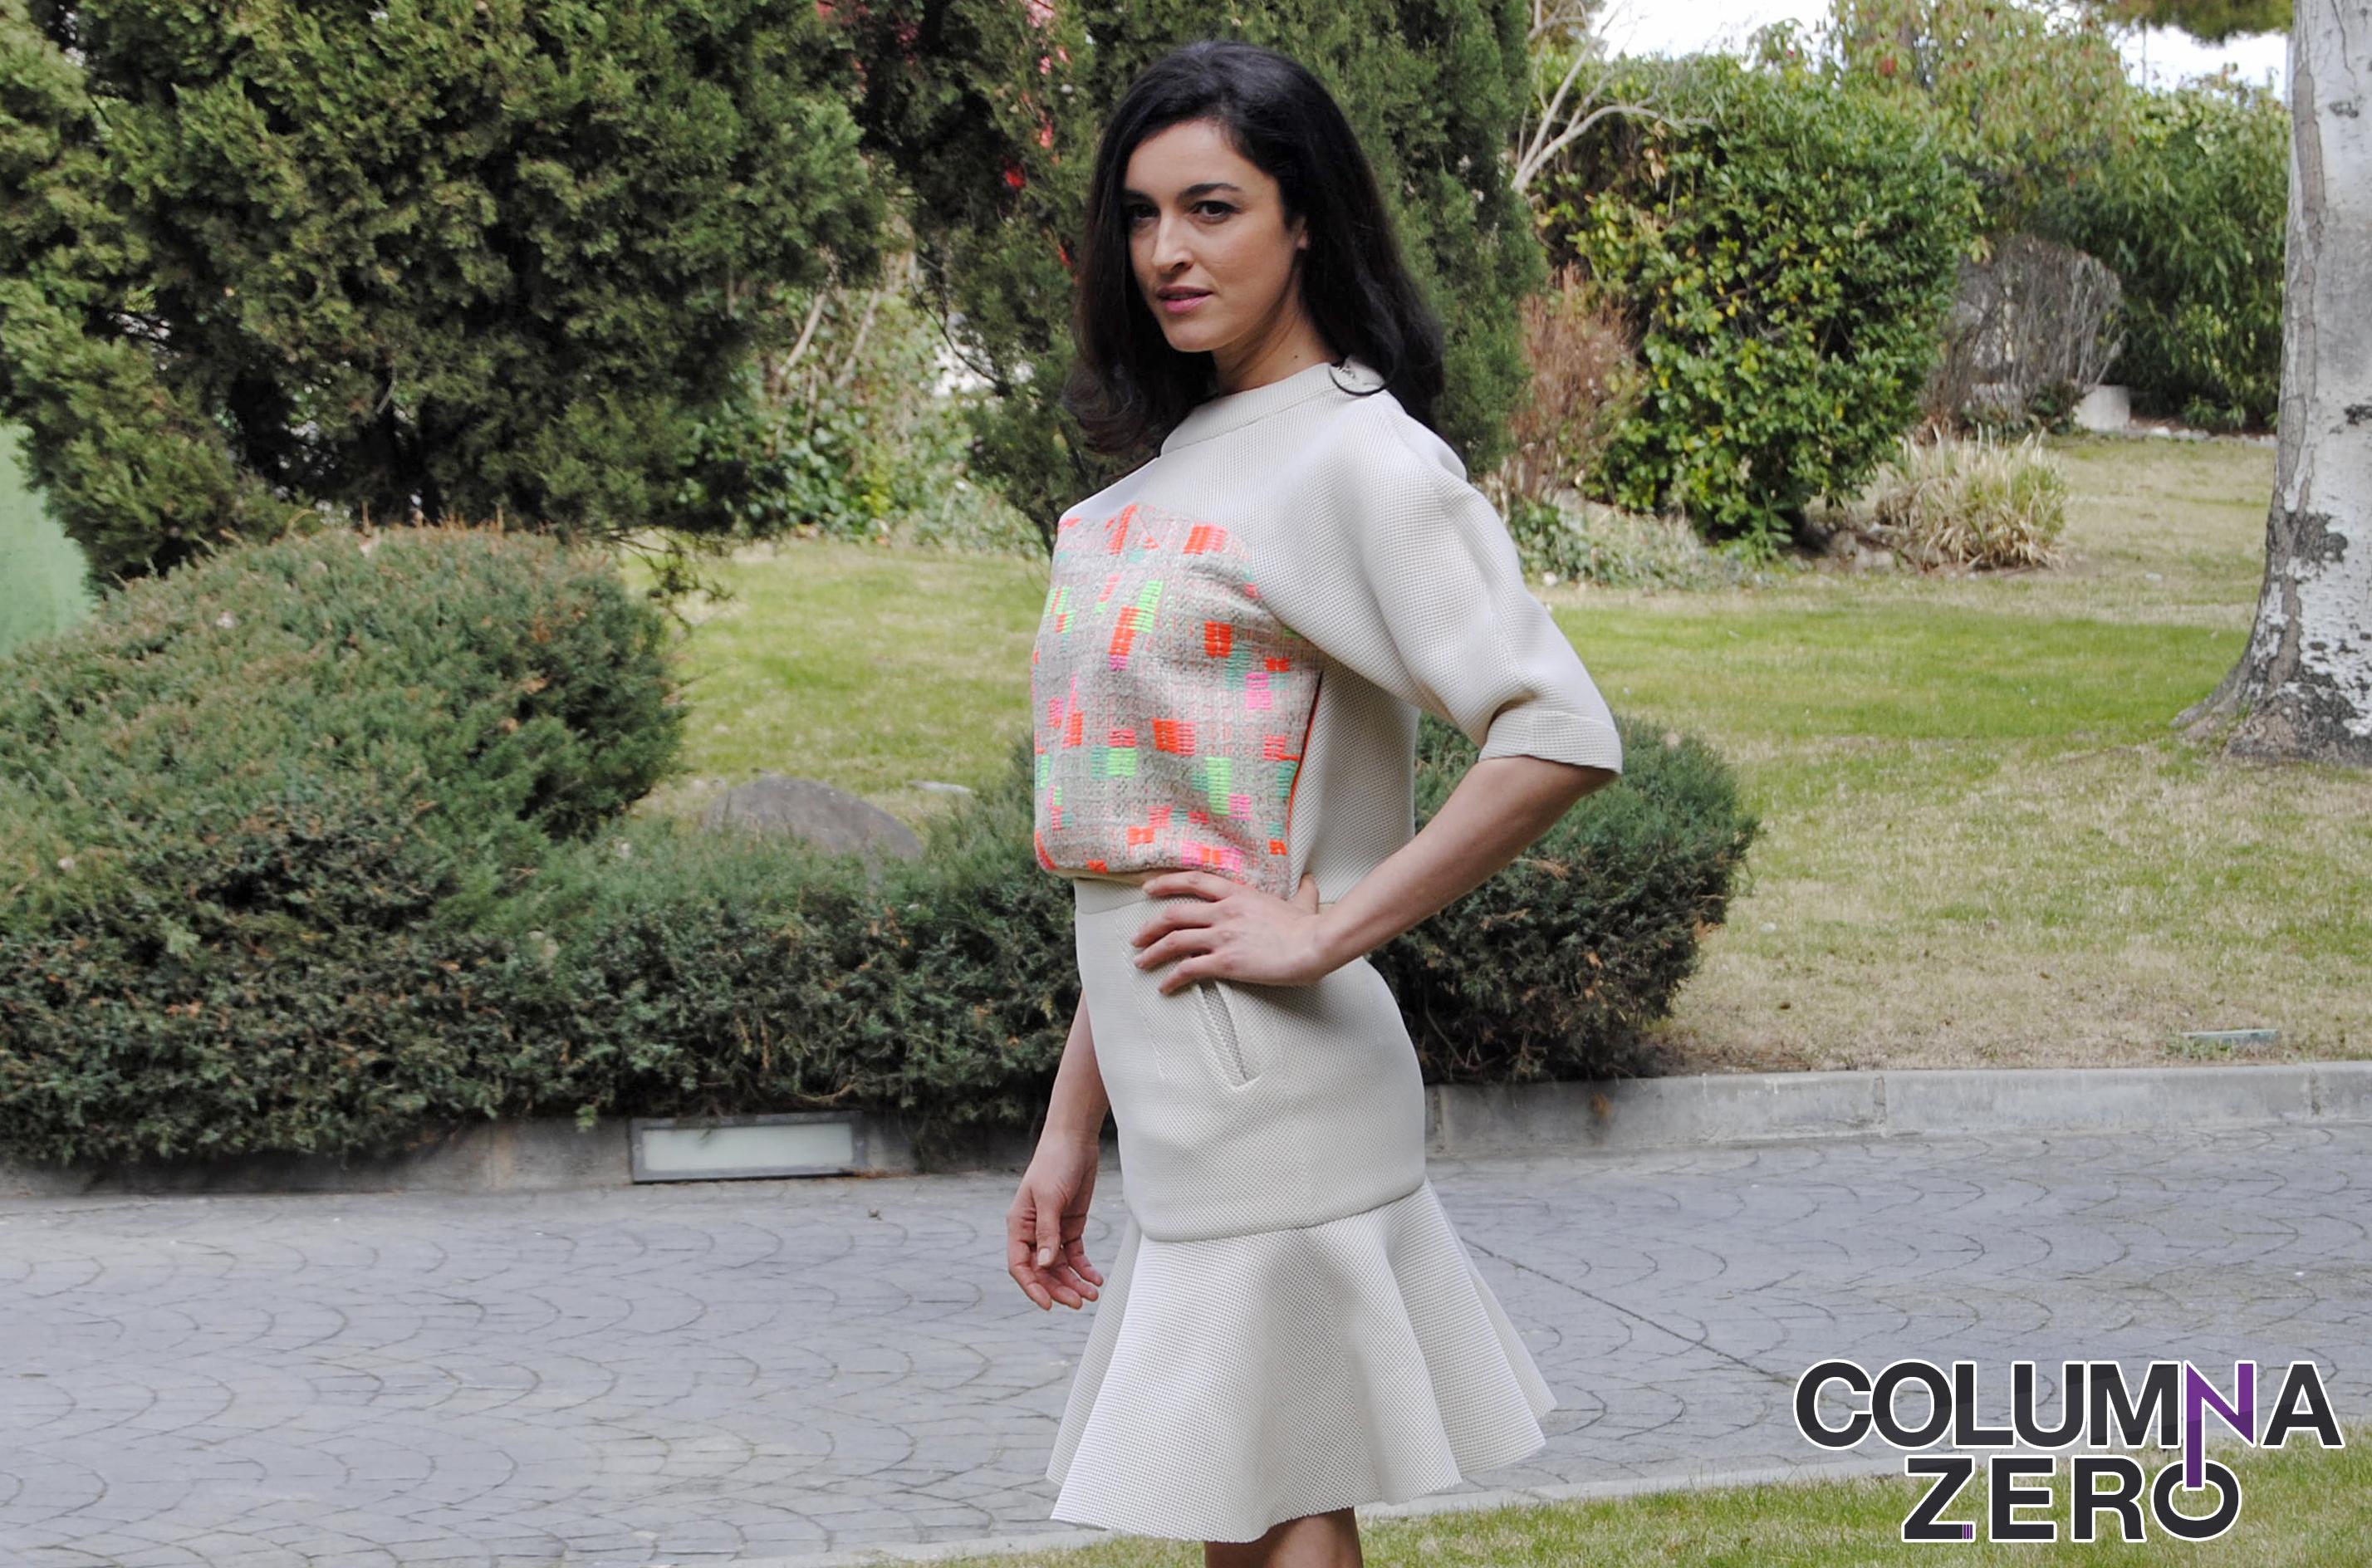 Entrevista blanca romero bajo sospecha columnazero for Blanca romero twitter